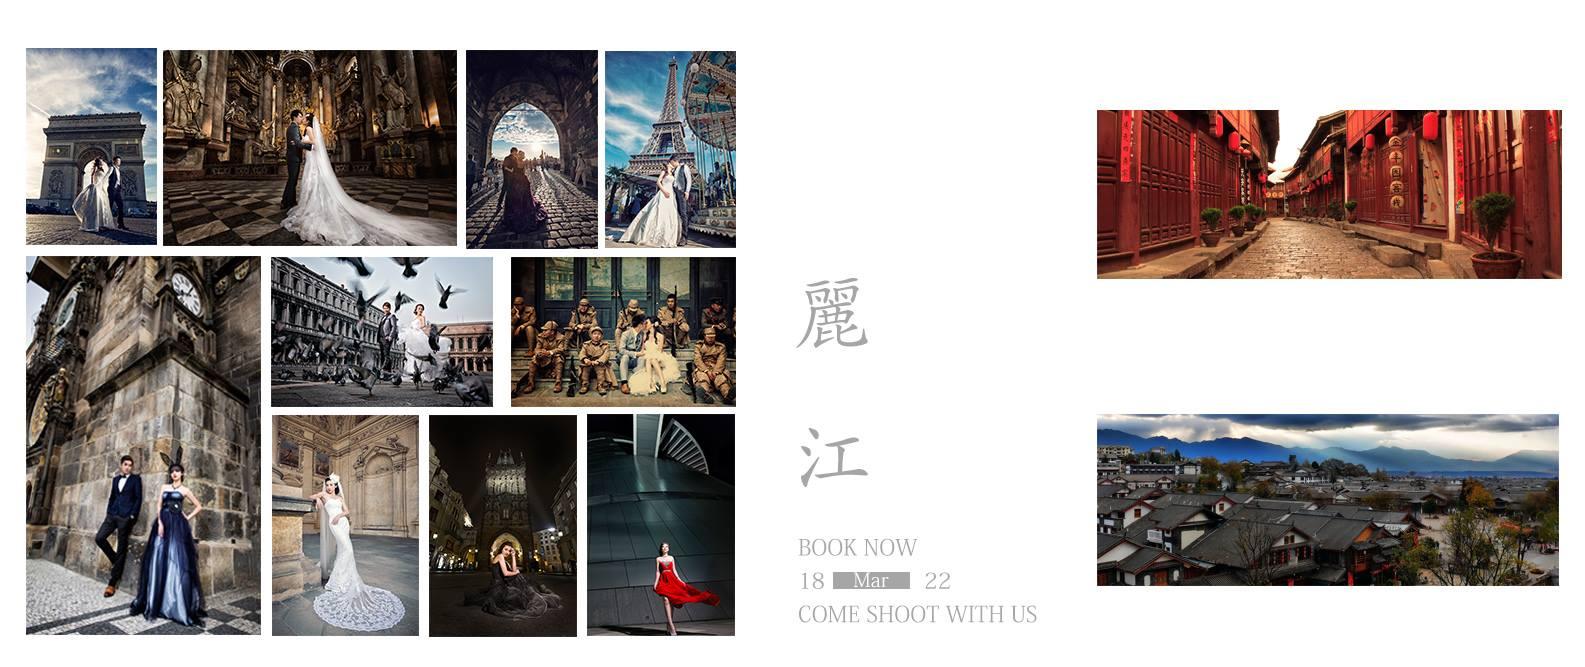 麗江婚紗攝影 – 15年3月18-22日 (只剩一名額)